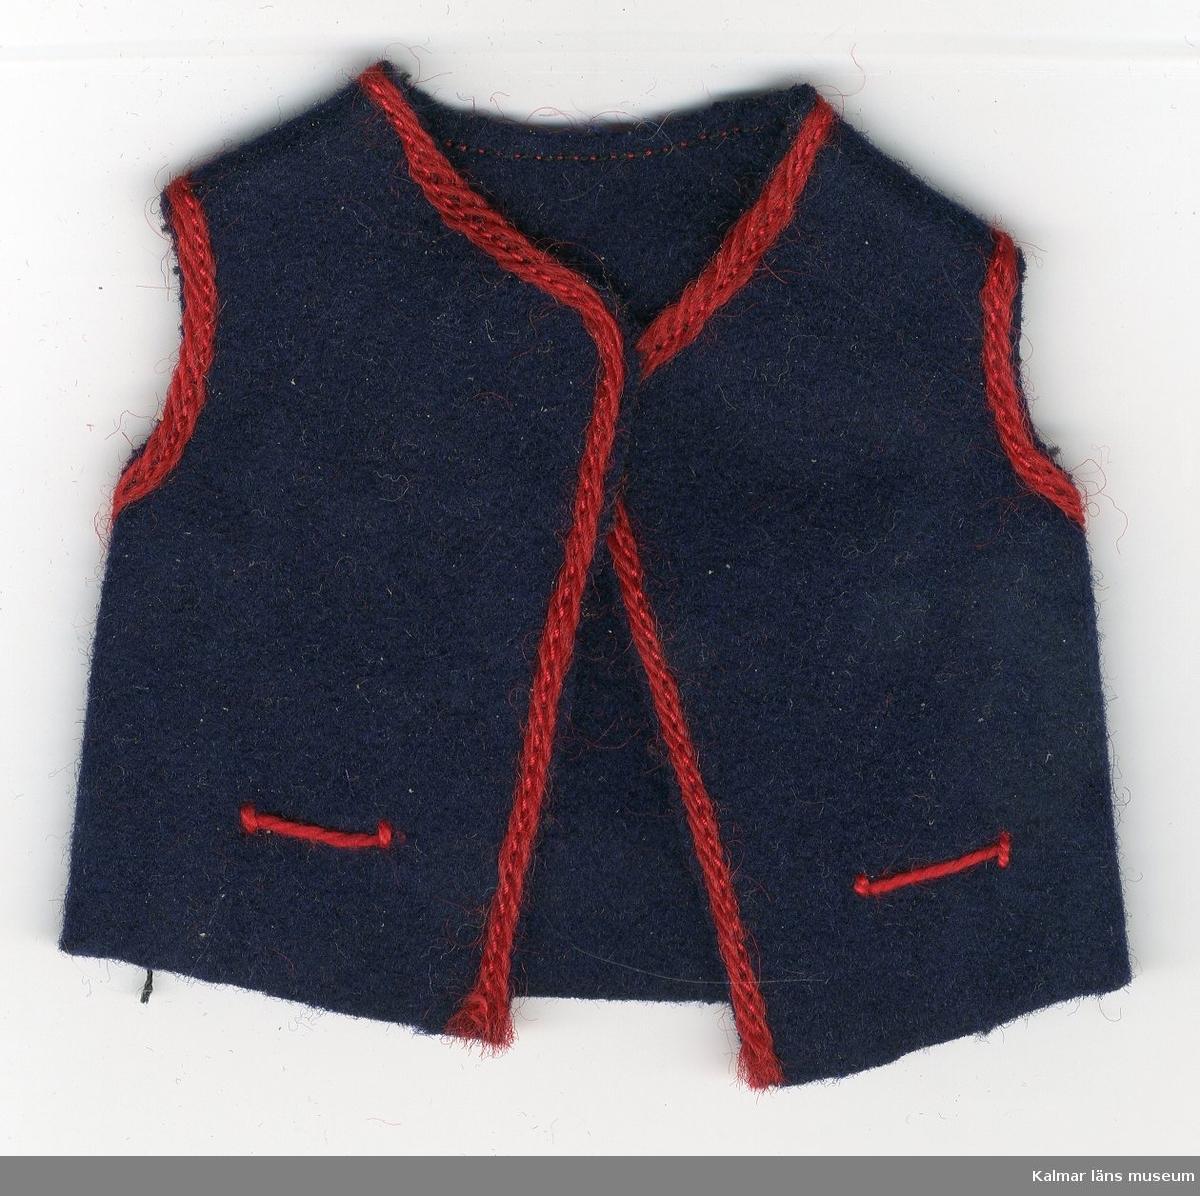 KLM 28082:83. Dockväst, herr, av textil, ylle. Del av dräkt, består av väst, blå, med röd kant runt ärmhålen, halsen, knäppningen och vid fickorna. Till nationaldräkt från: ?